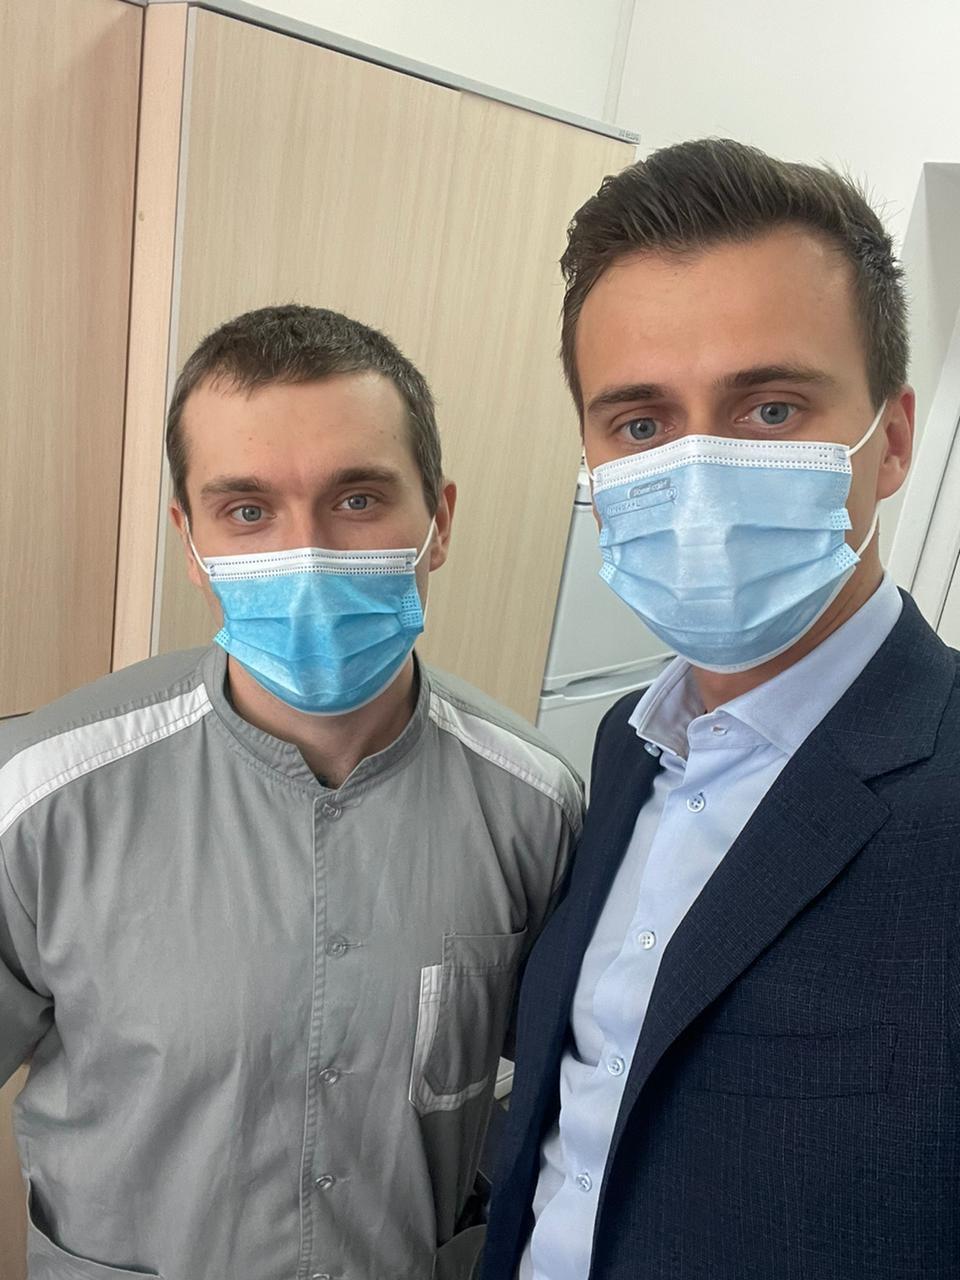 Первым прививку от коронавируса получил врач-реаниматолог Евгений Горенко / фото facebook.com/AleksandrSkichko